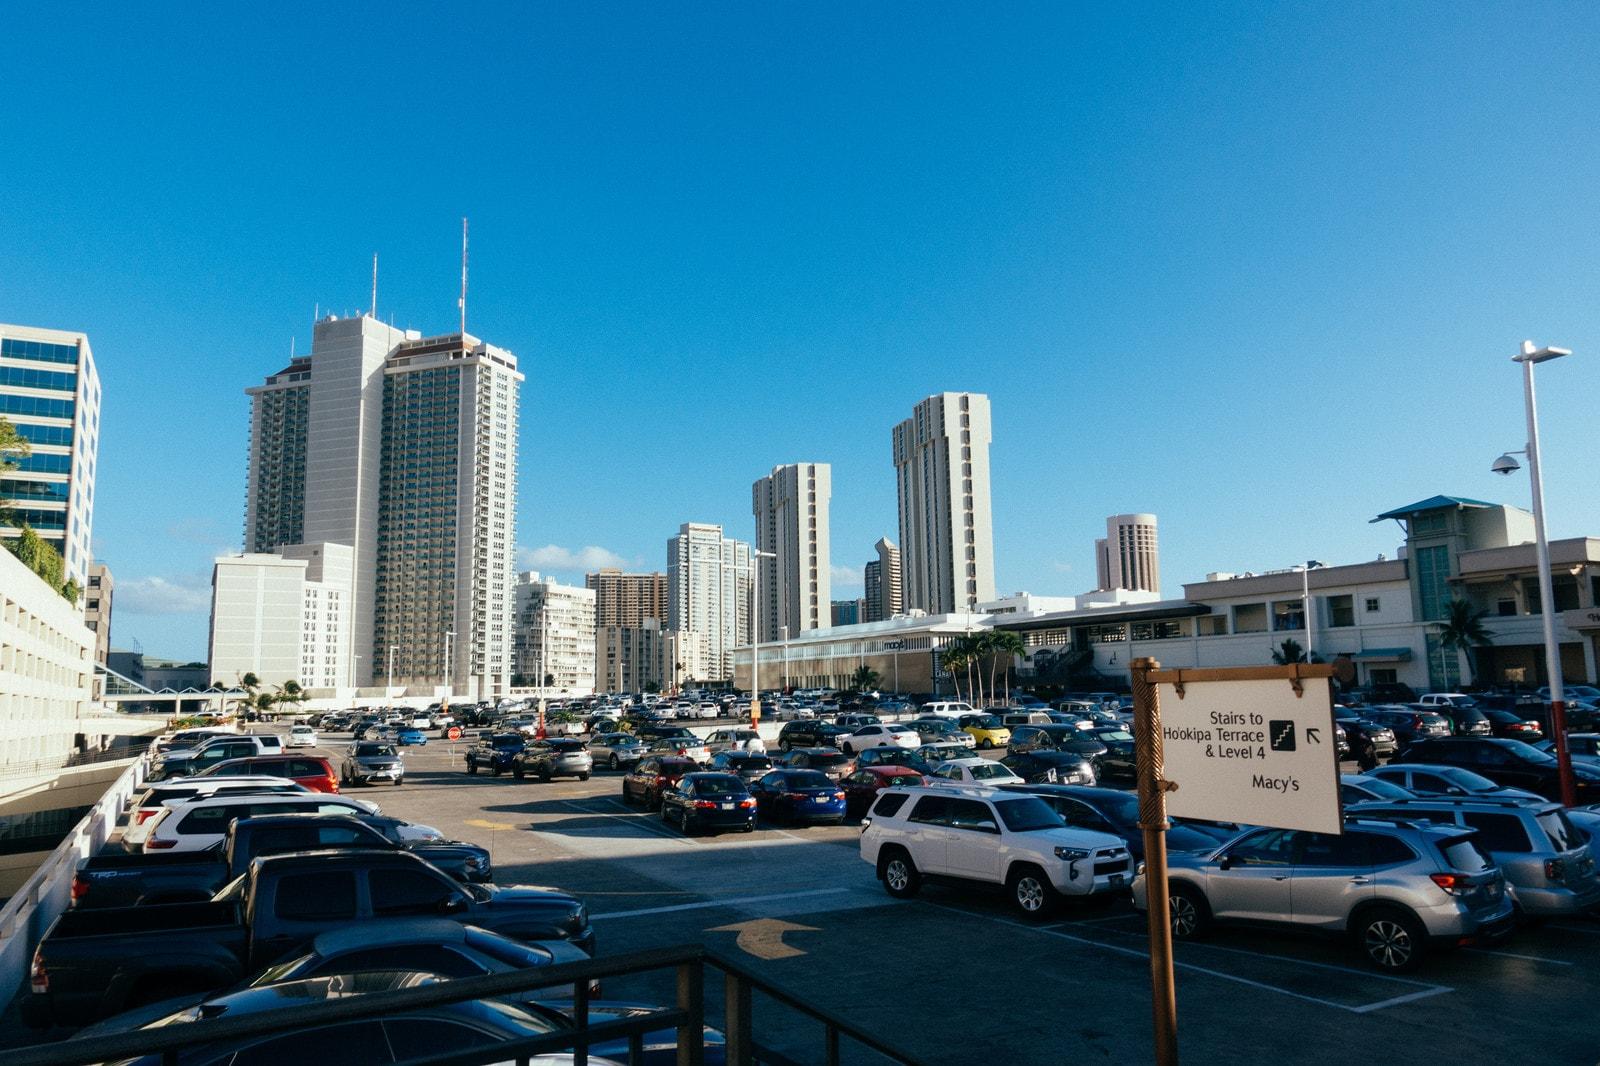 横浜みなとみらい安い駐車場!週末やイベントの混雑時にもおすすめ!